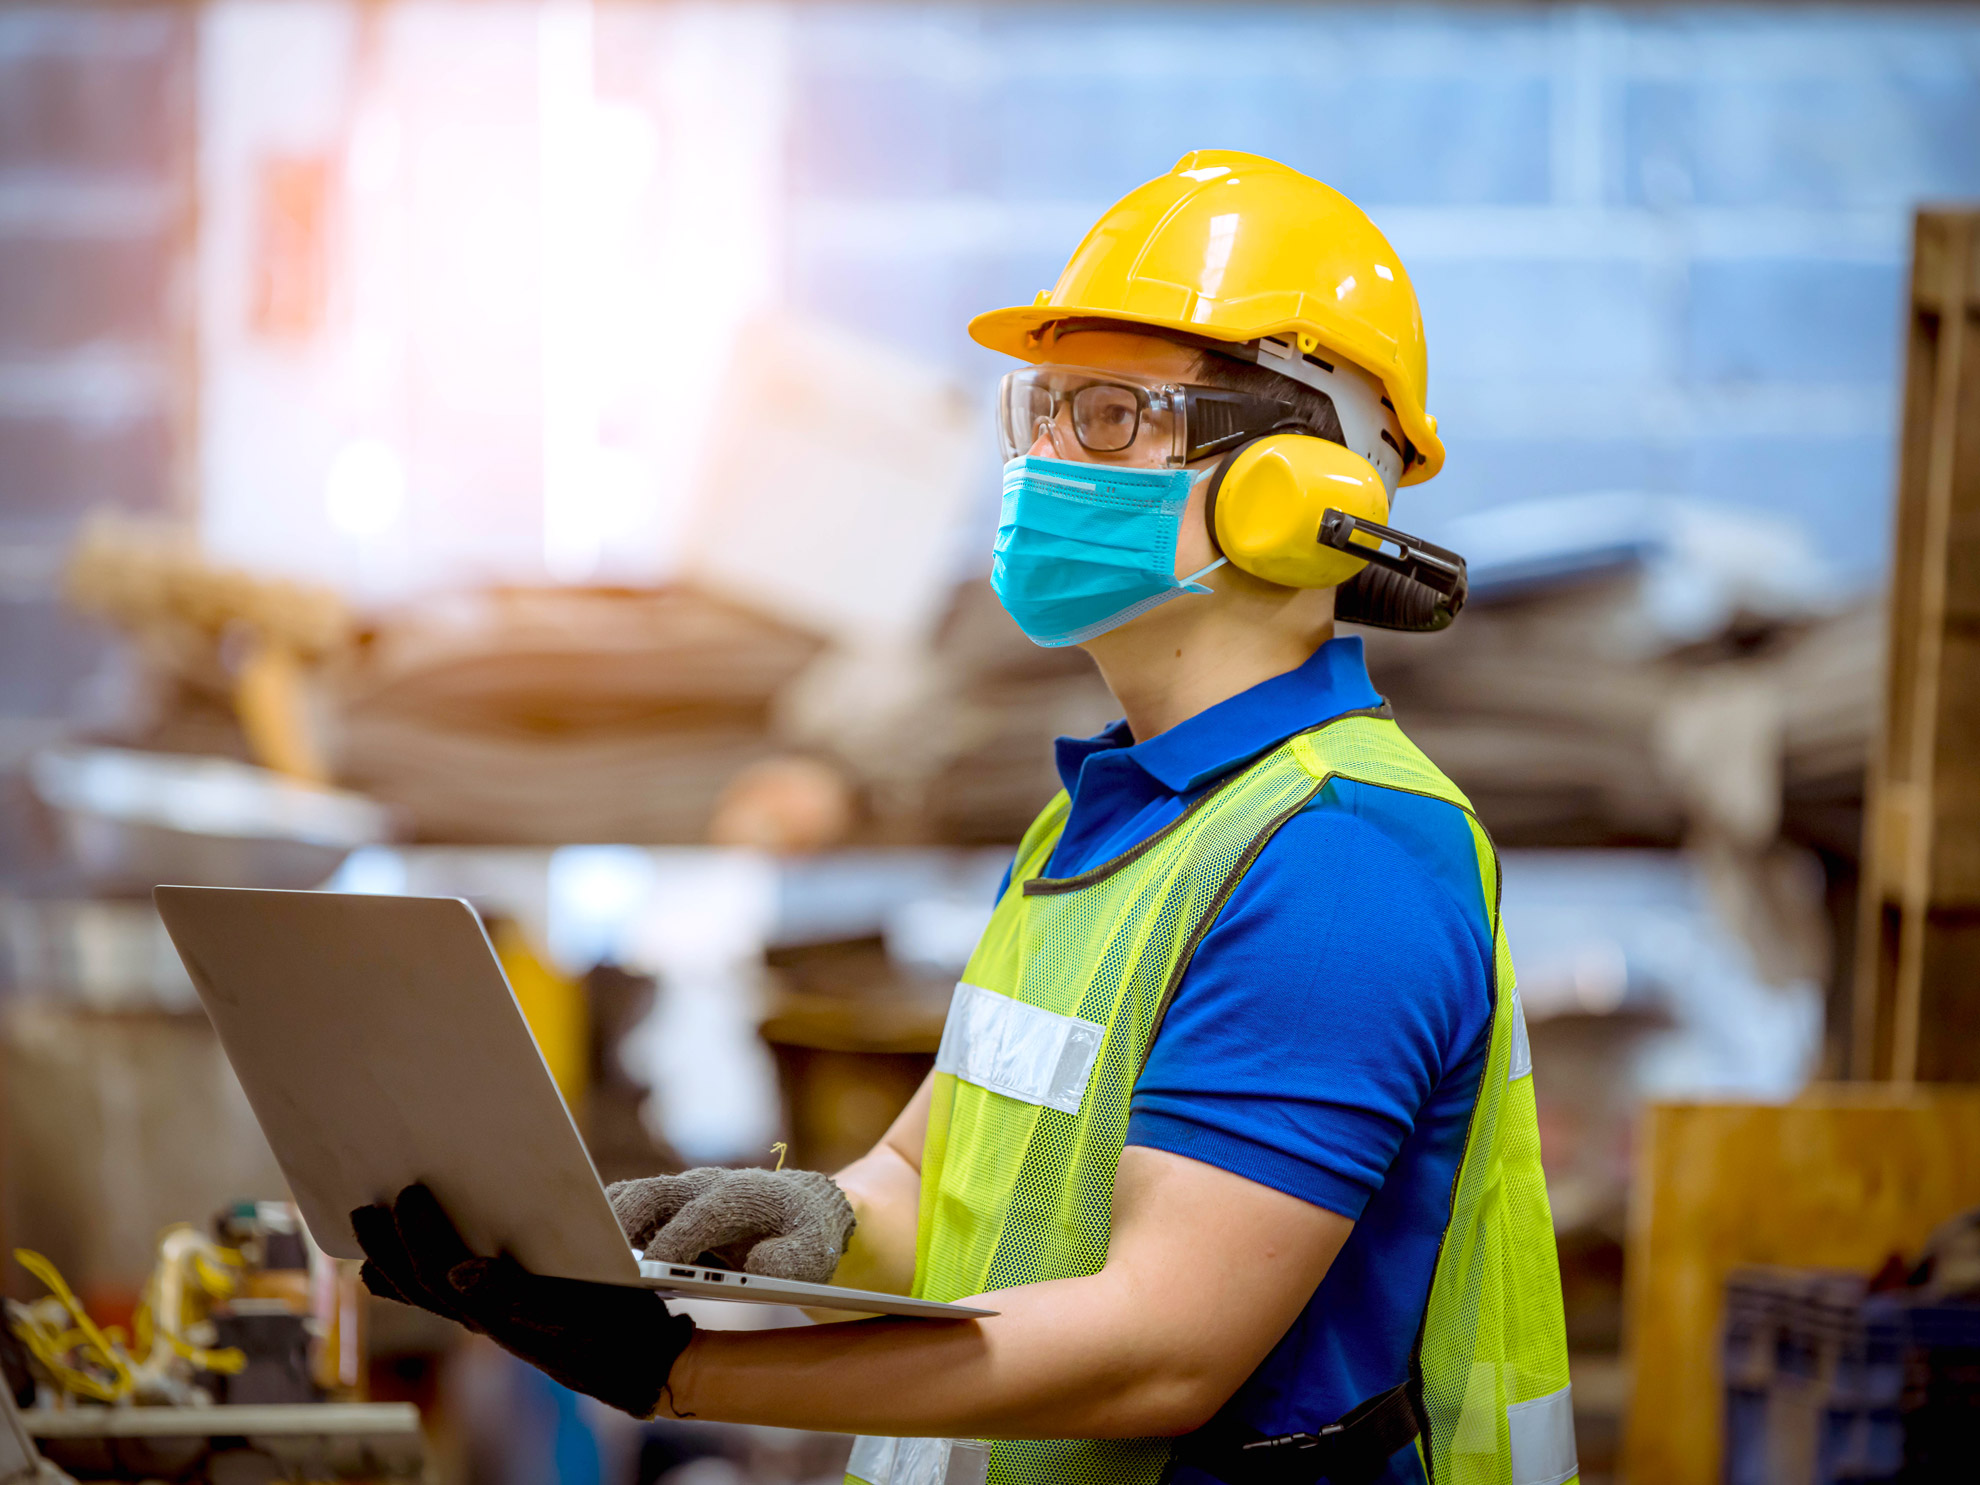 La regolare manutenzione degli asset salvaguarda la sicurezza dei lavoratori e riduce i costi